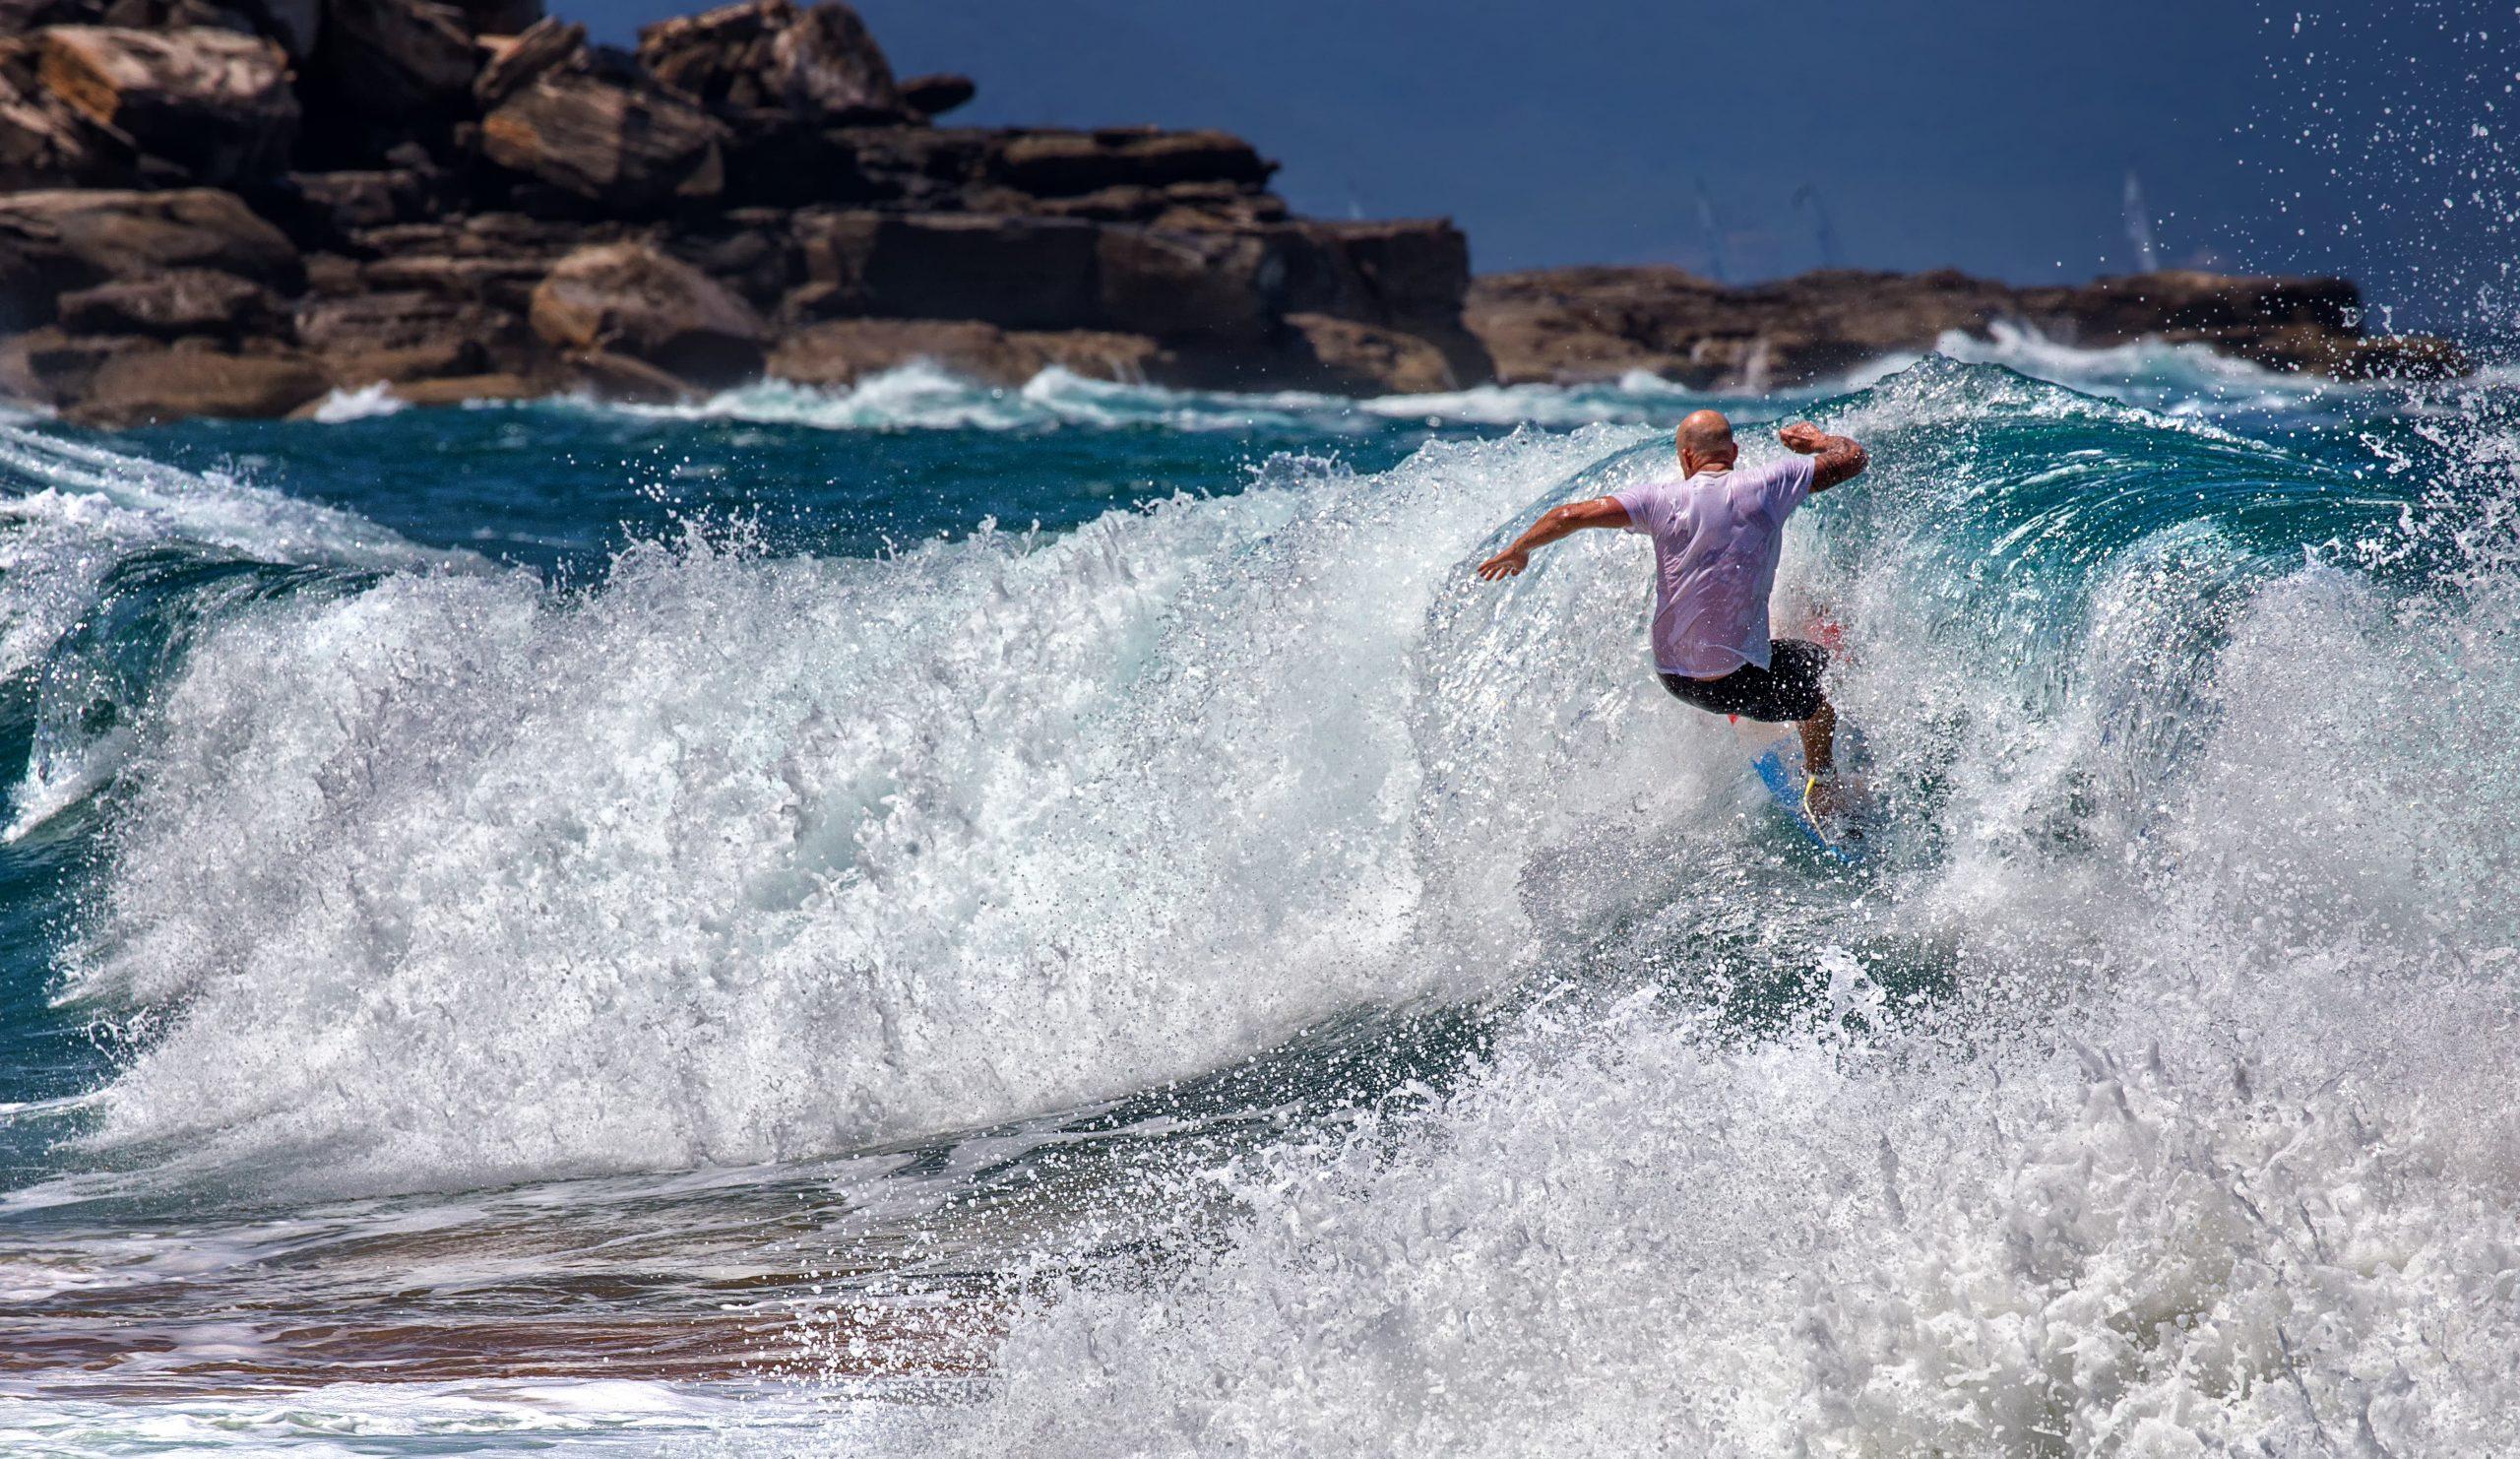 surf spot in Sydney